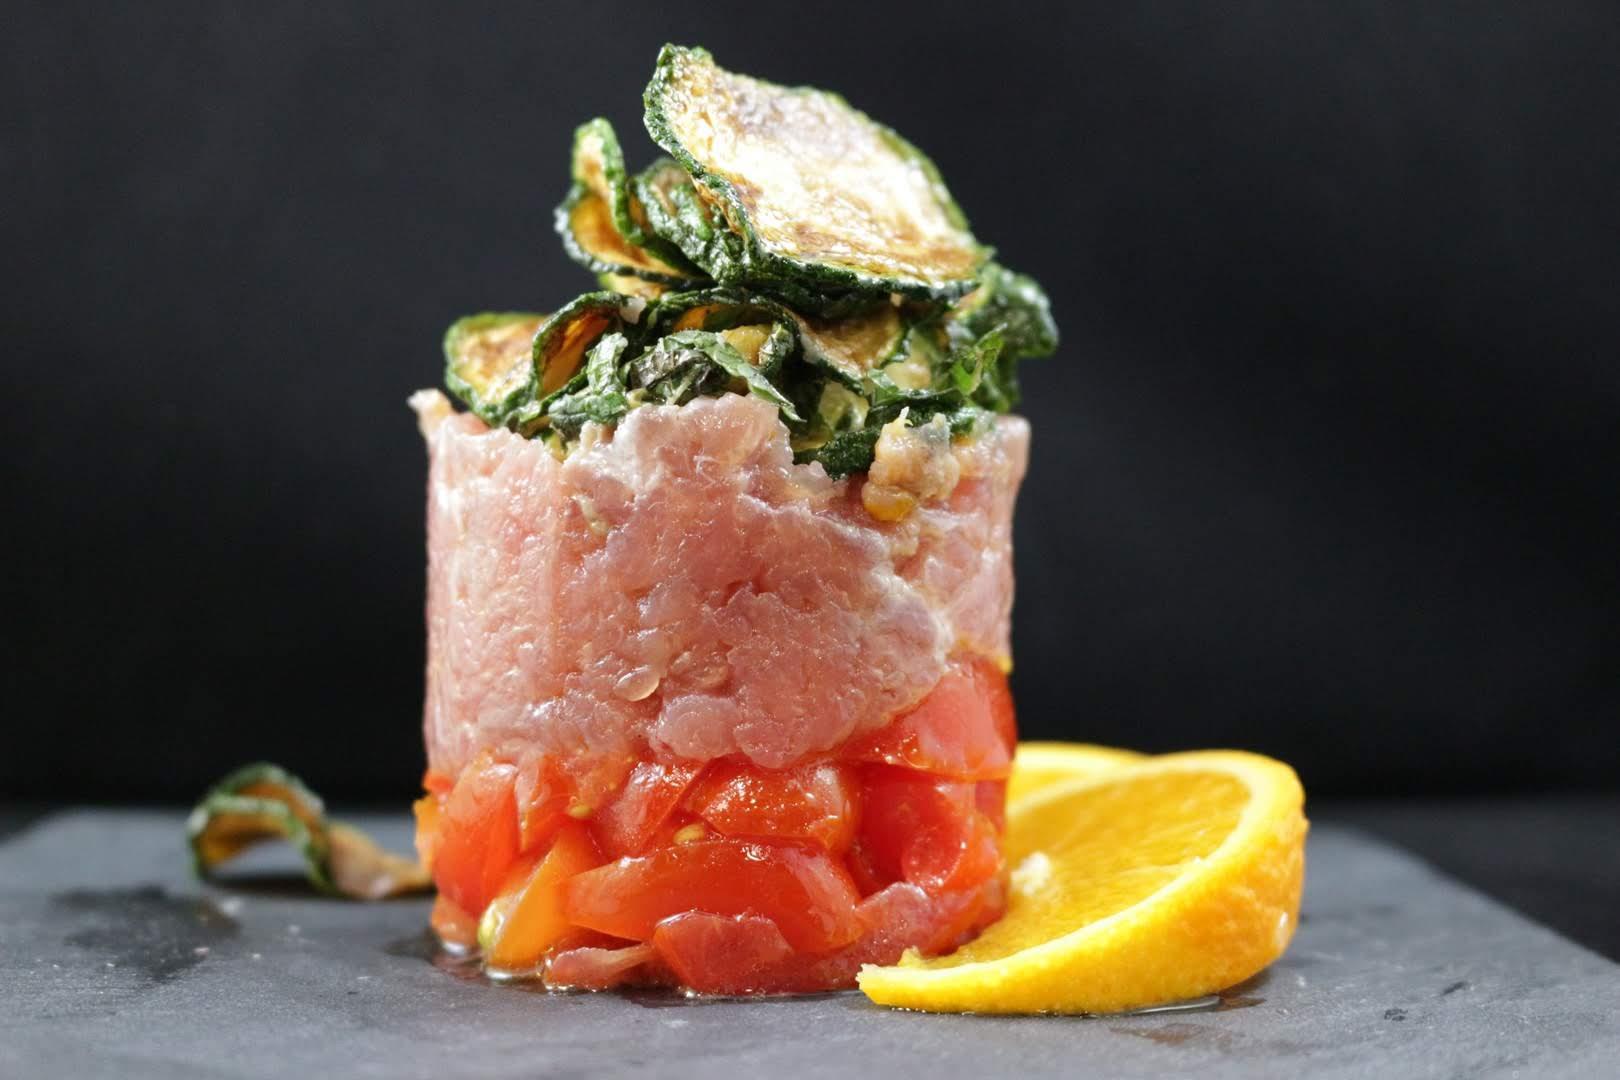 corso di cucina di base a torino scuola di cucina la palestra del cibo 5 colori nel piatto chef sergio maria teutonico chef daniela goffredo corsi di cucina per tutti